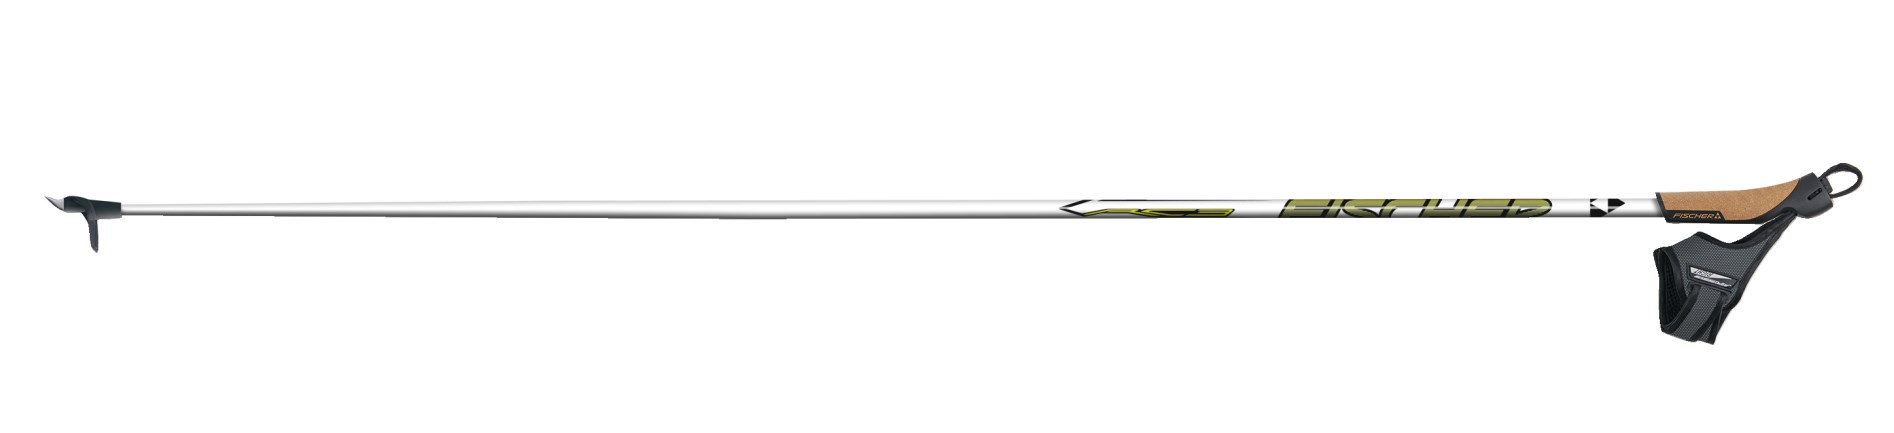 Палки для беговых лыж FISCHER RC 3 (16 17) - купить в Санкт ... 93330061092